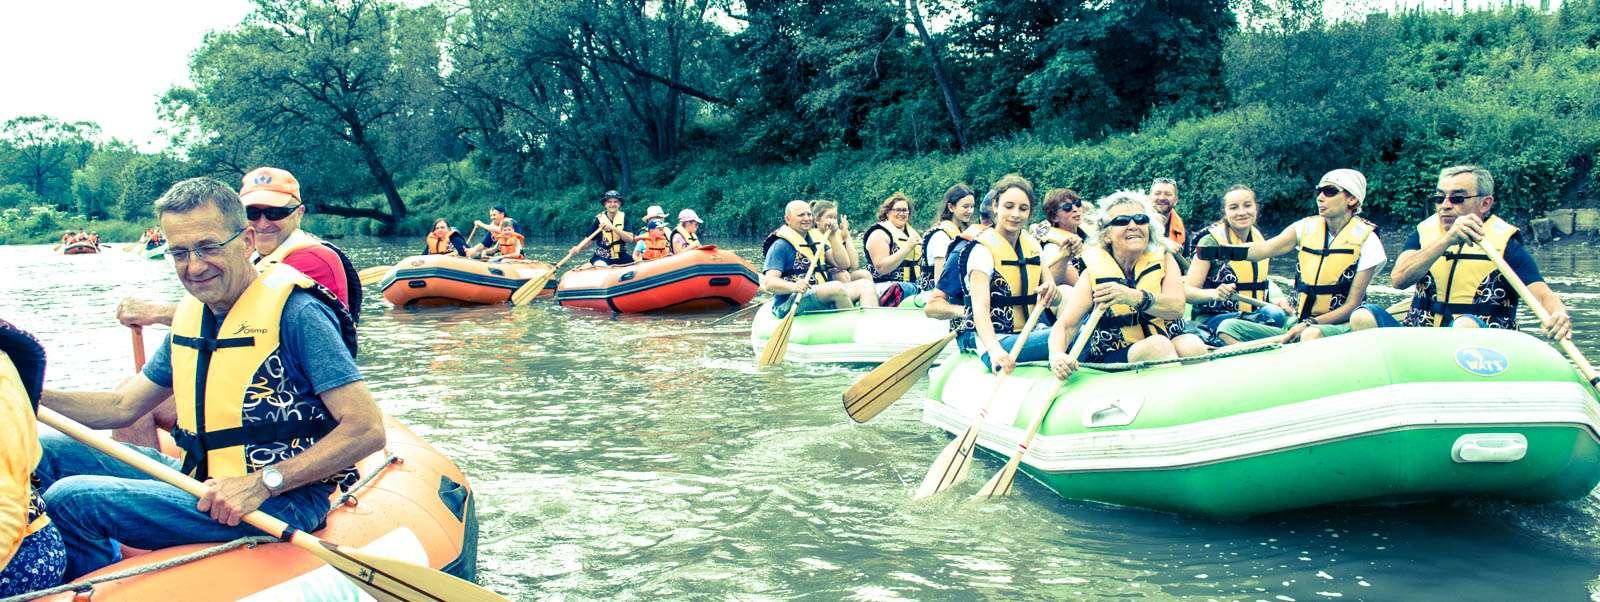 Spływy grupowe w Bieszczadach na pontonach.